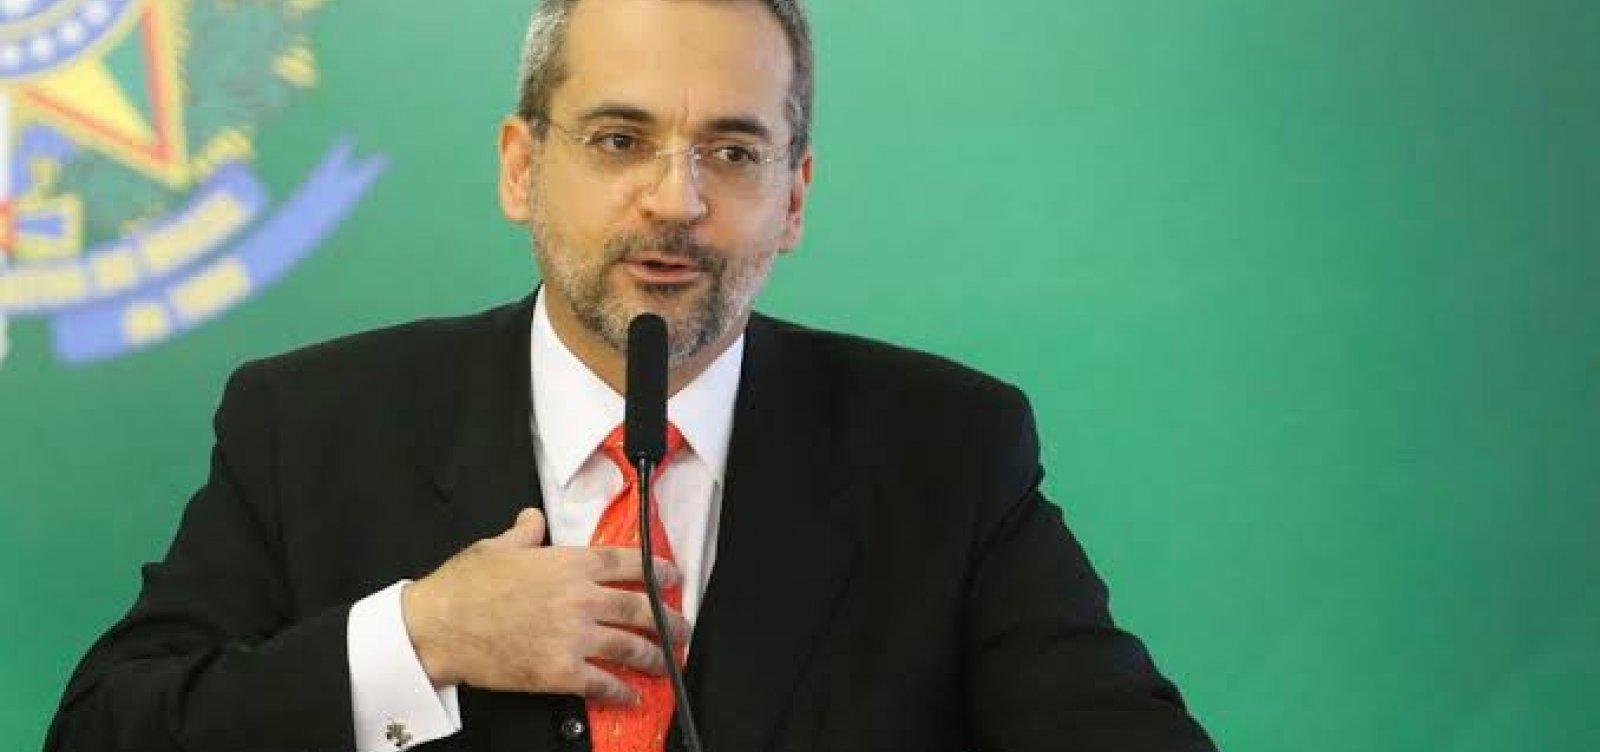 Weintraub compartilha mensagem que diz que Bolsonaro traiu Moro e o povo